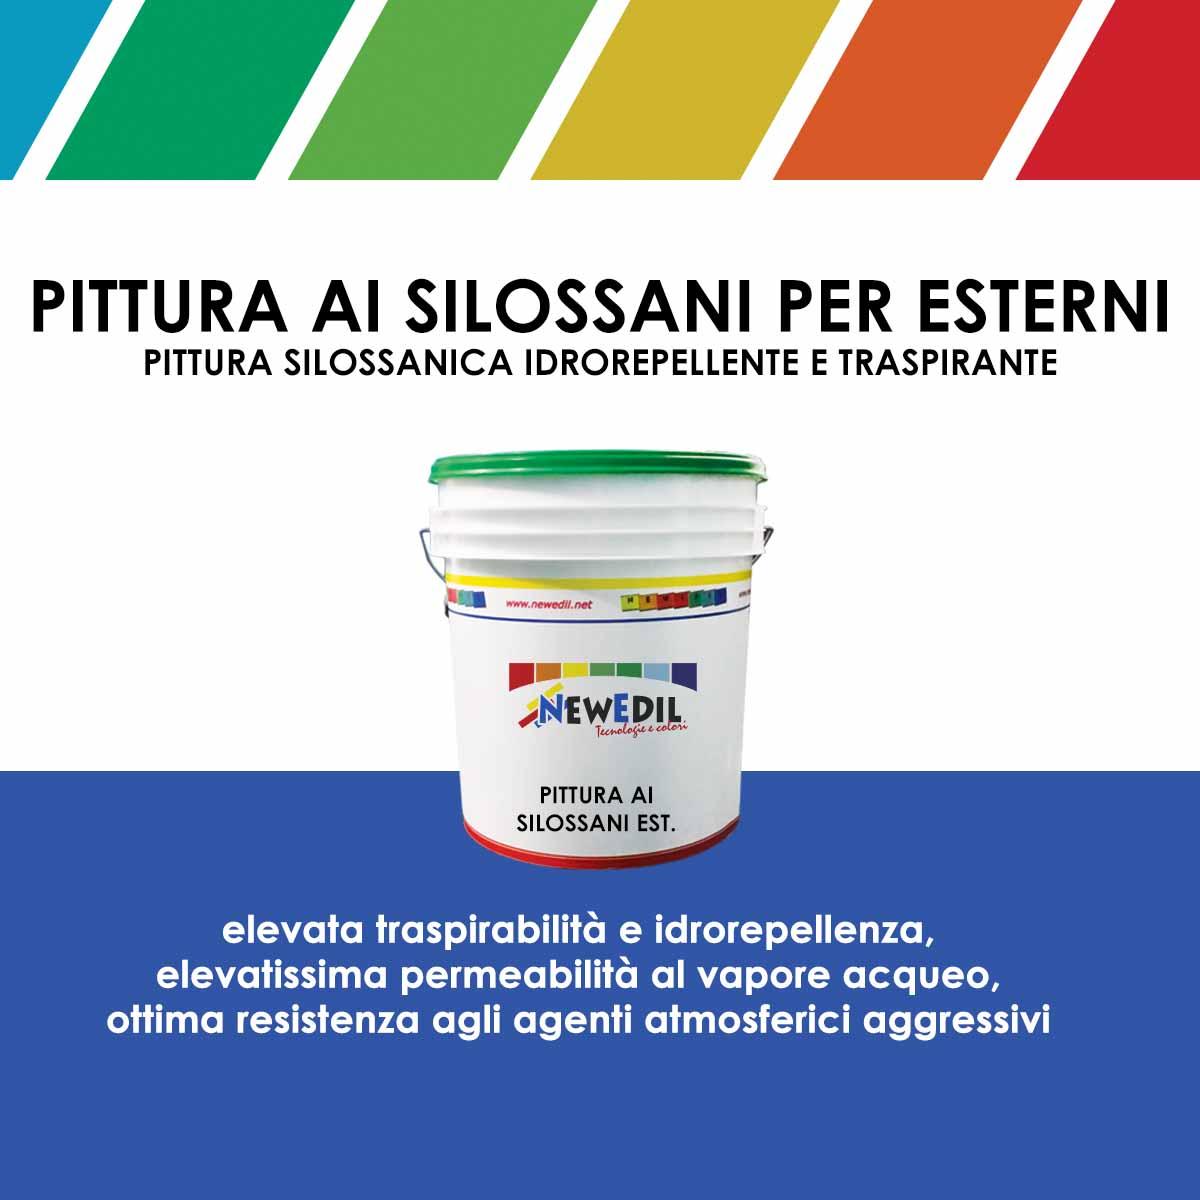 Pittura ai silossani per esterni new edil - Pittura idrorepellente per esterni trasparente ...